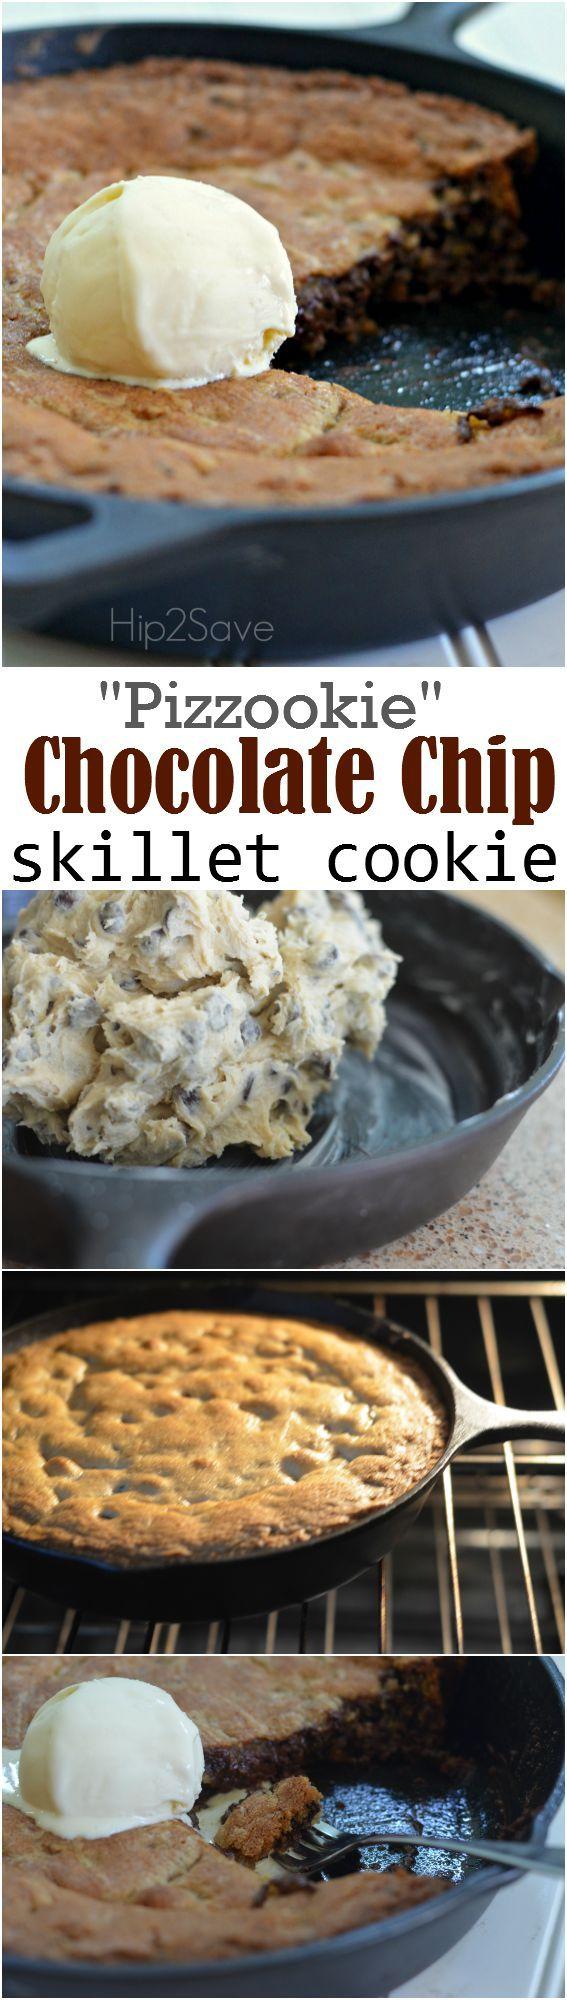 Chocolate Chip Skillet Cookie (Easy Restaurant Style Dessert)